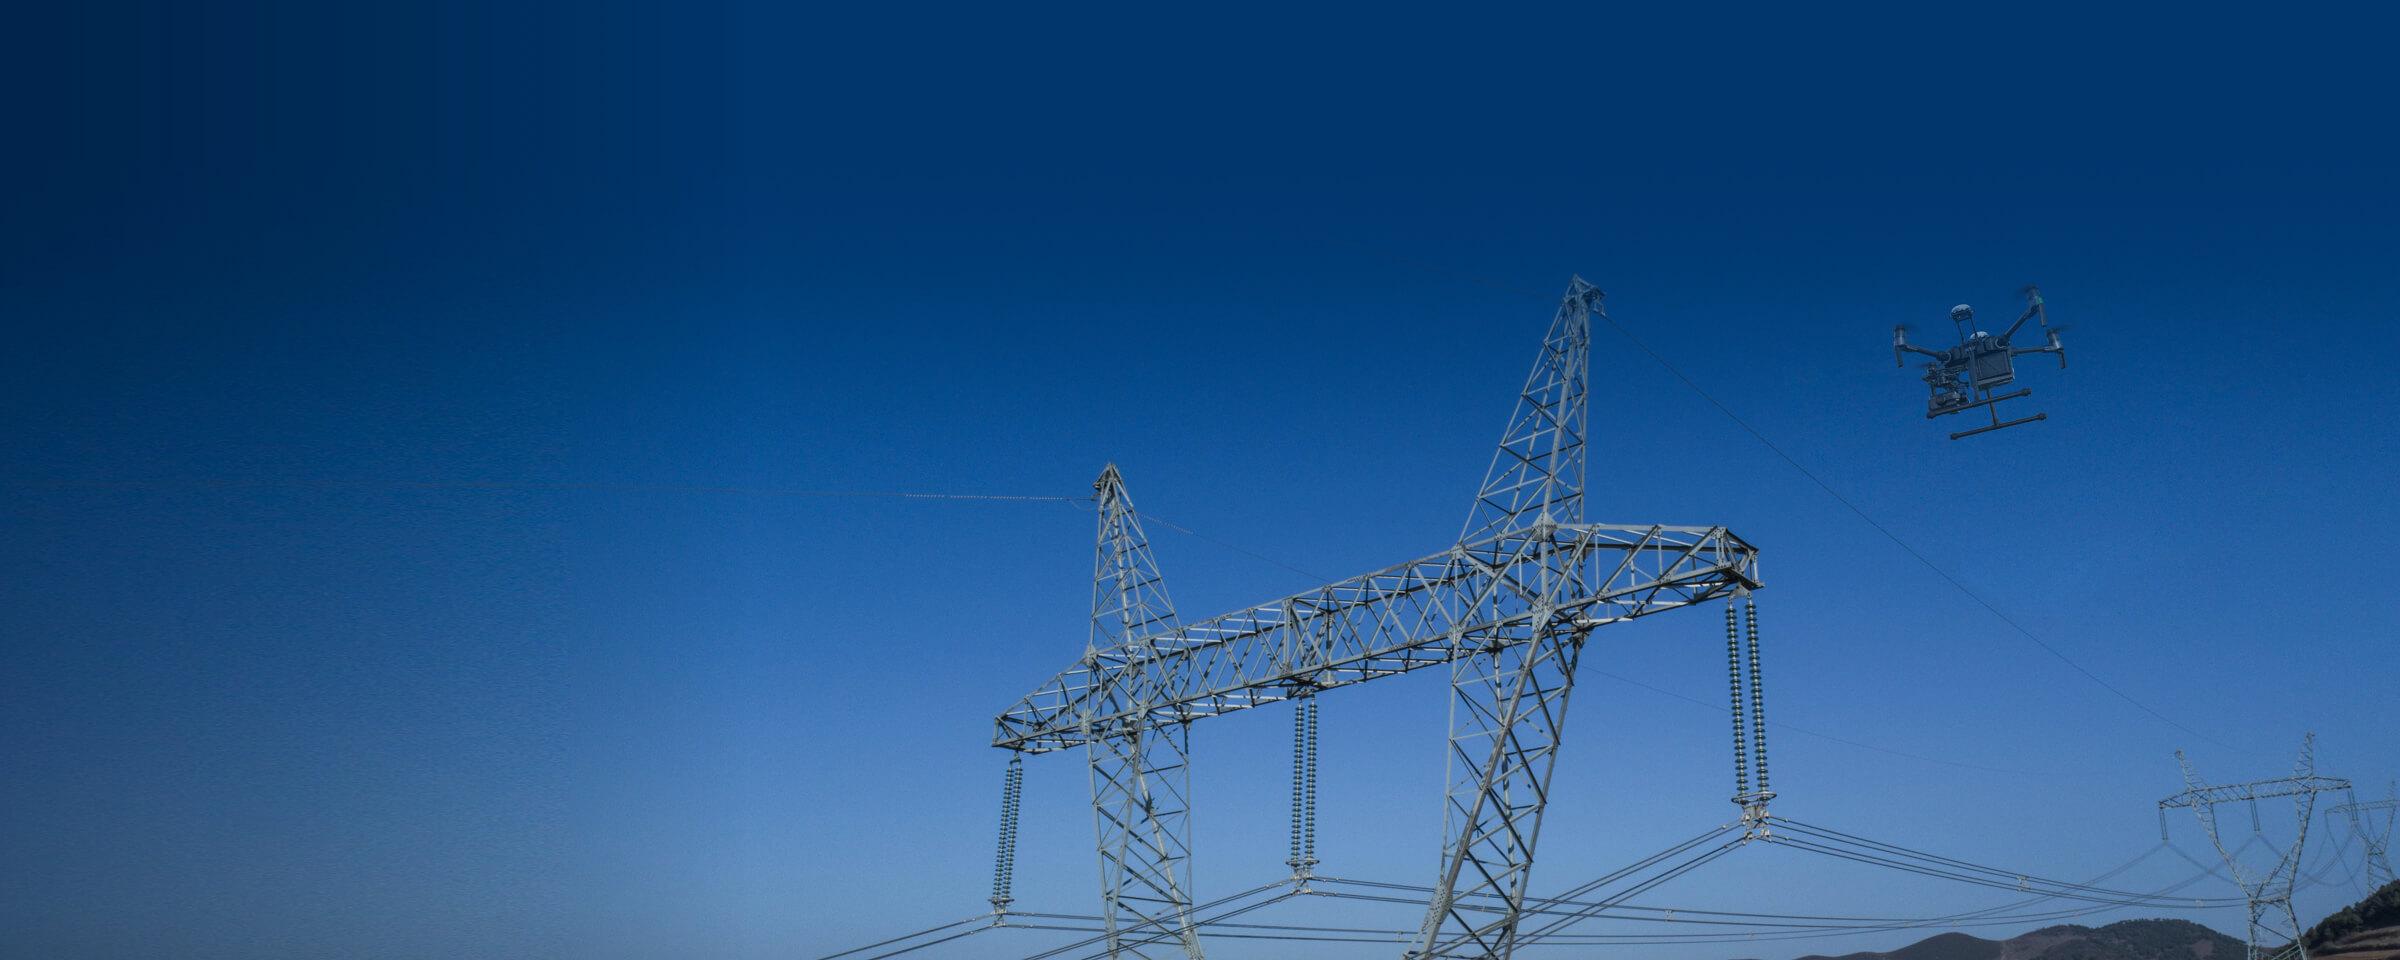 能源 安全高效的巡检作业